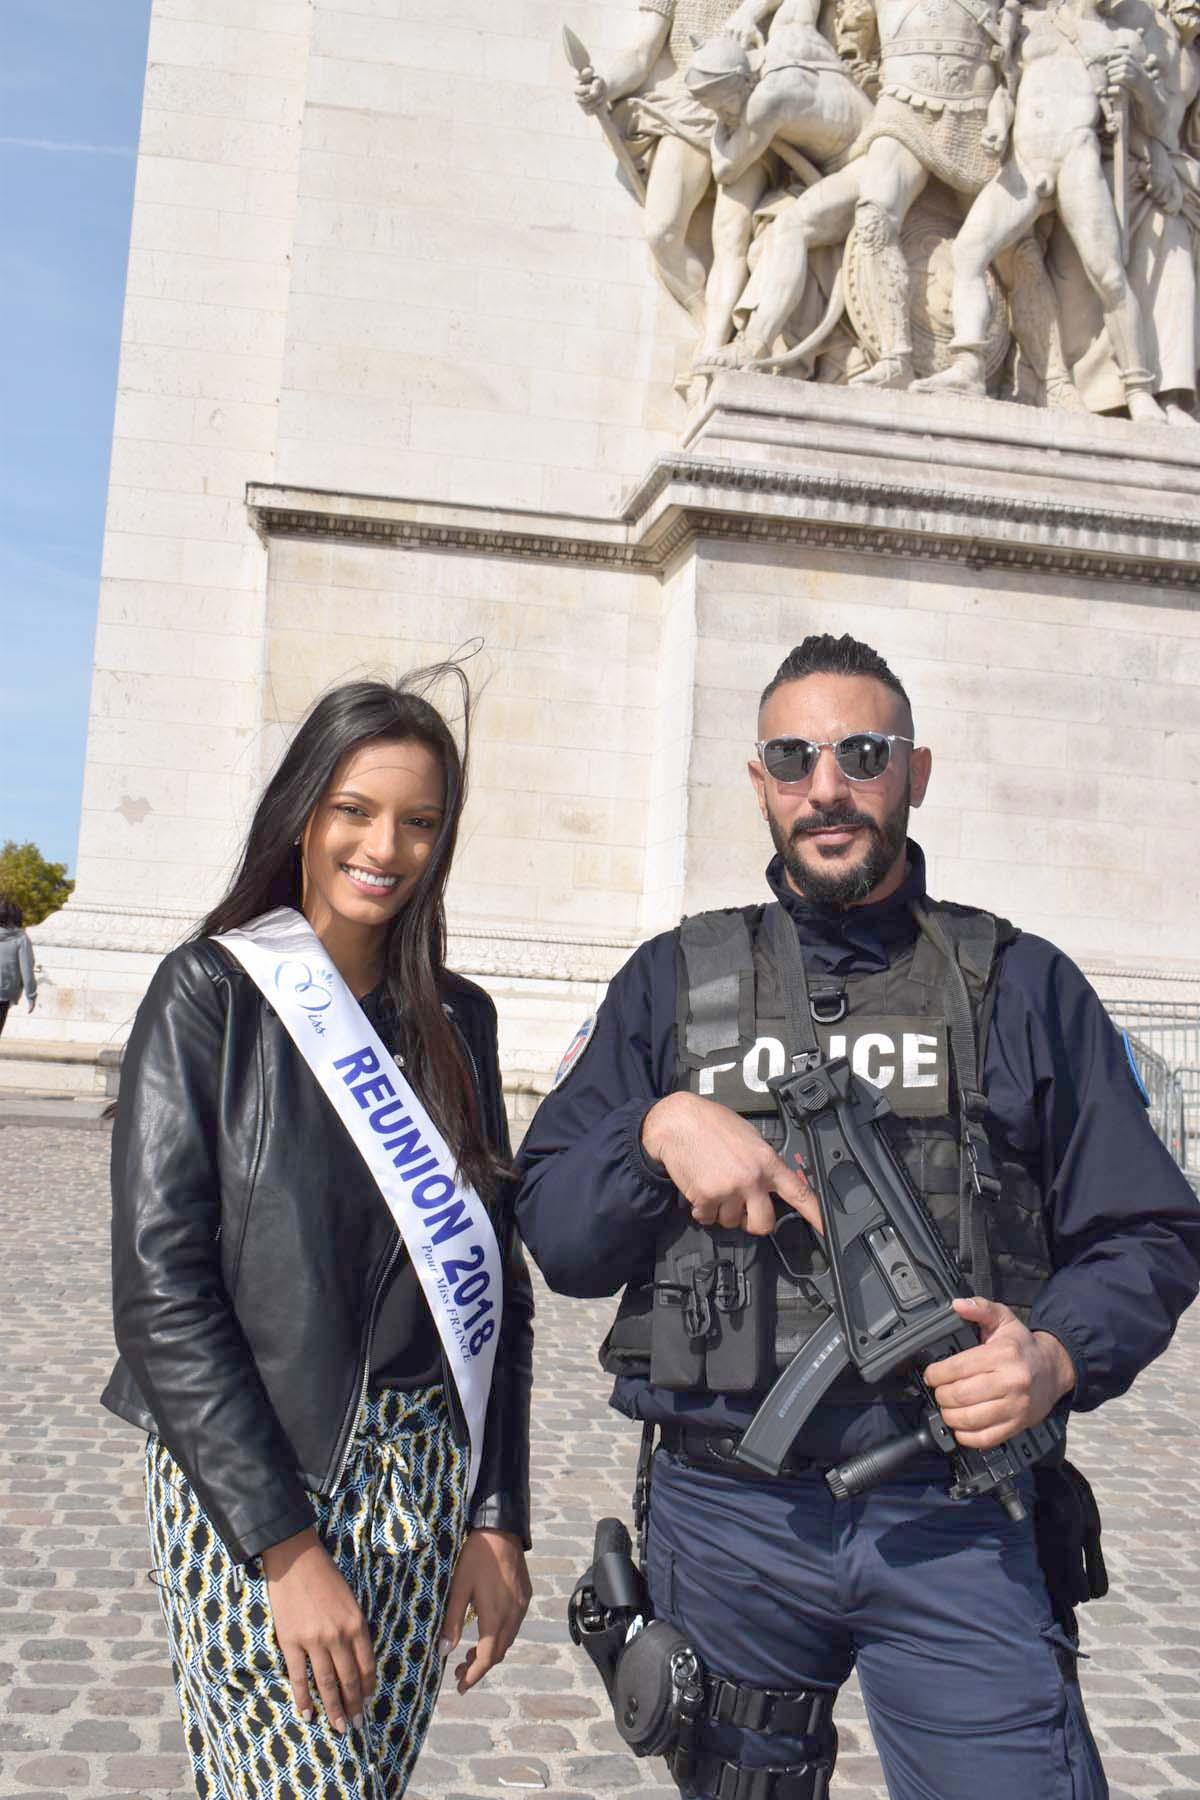 Plutôt bien protégée notre Miss Réunion!